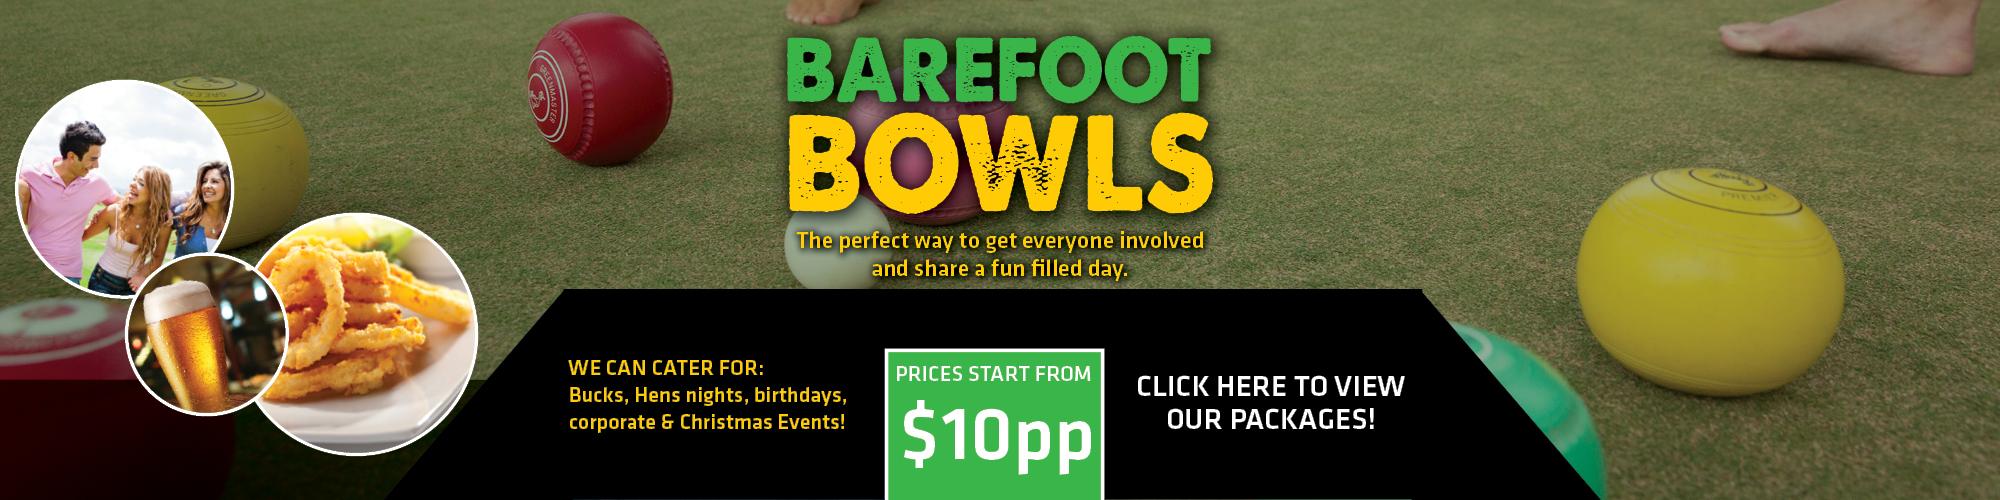 Barefoot-Bowls-Homepage-Slider-D3